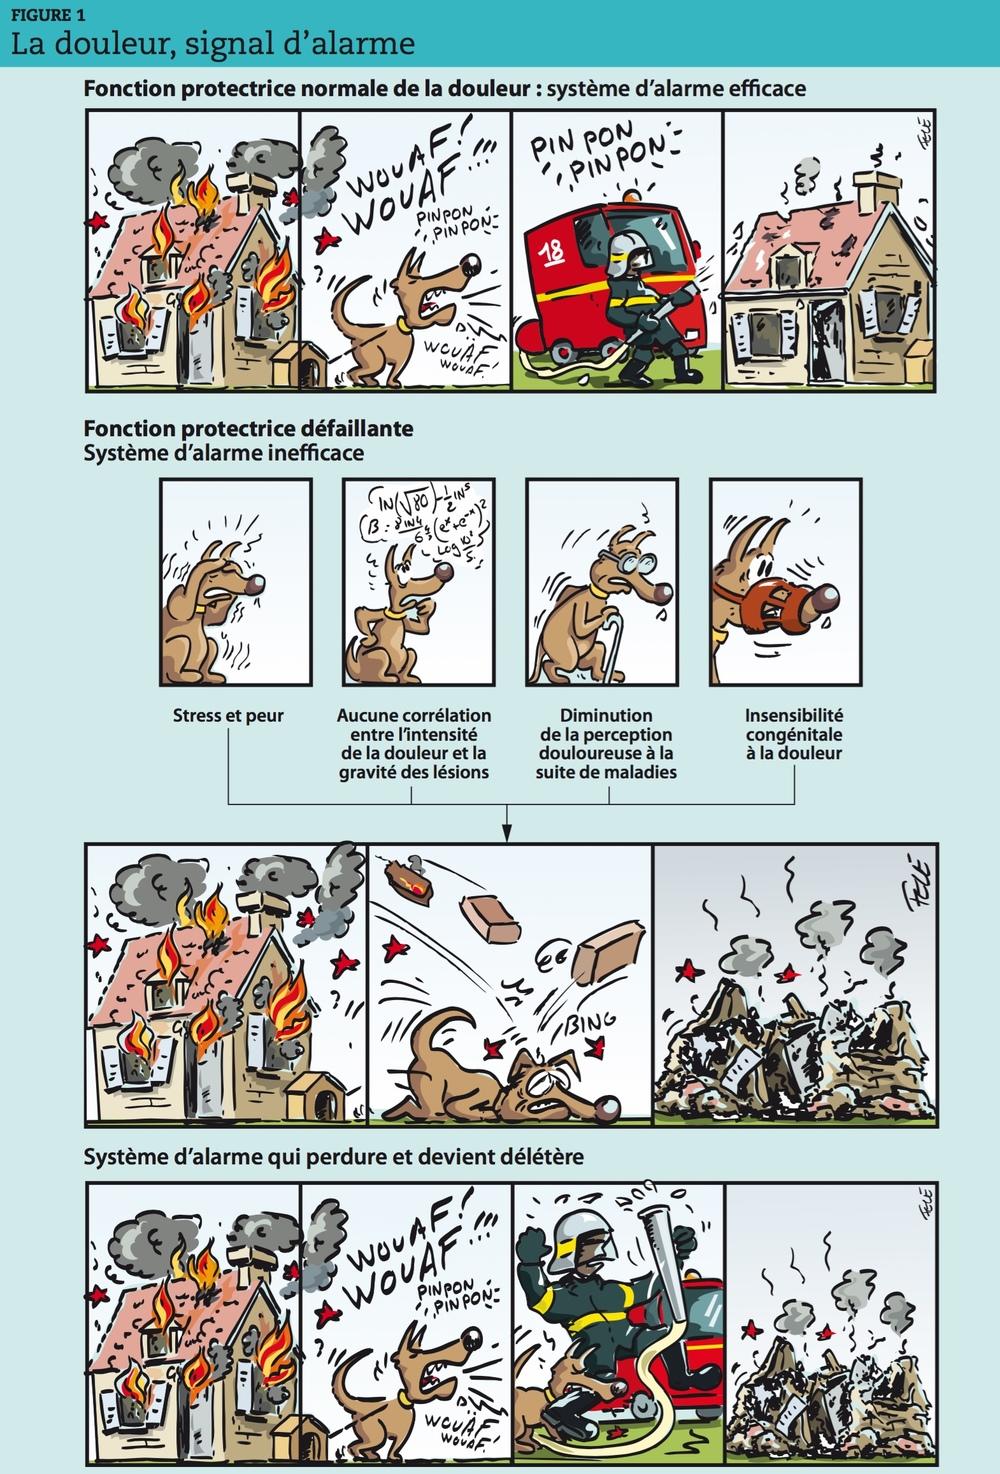 """Hippocrate (460-377 avant JC) dans son Corpus hippocratum parlait de la douleur aiguë comme le """"chien de garde de notre santé qui aboie pour alerter l'organisme"""". La douleur persistante, inutile, est ce chien de garde qui continue à aboyer, au risque de faire fuir les éléments qui sauvent. Dégageant la médecine des légendes et des dogmes, respectant avant tout le patient (primum non nocere) Hippocrate était déjà le fondateur de la médecine… moderne."""